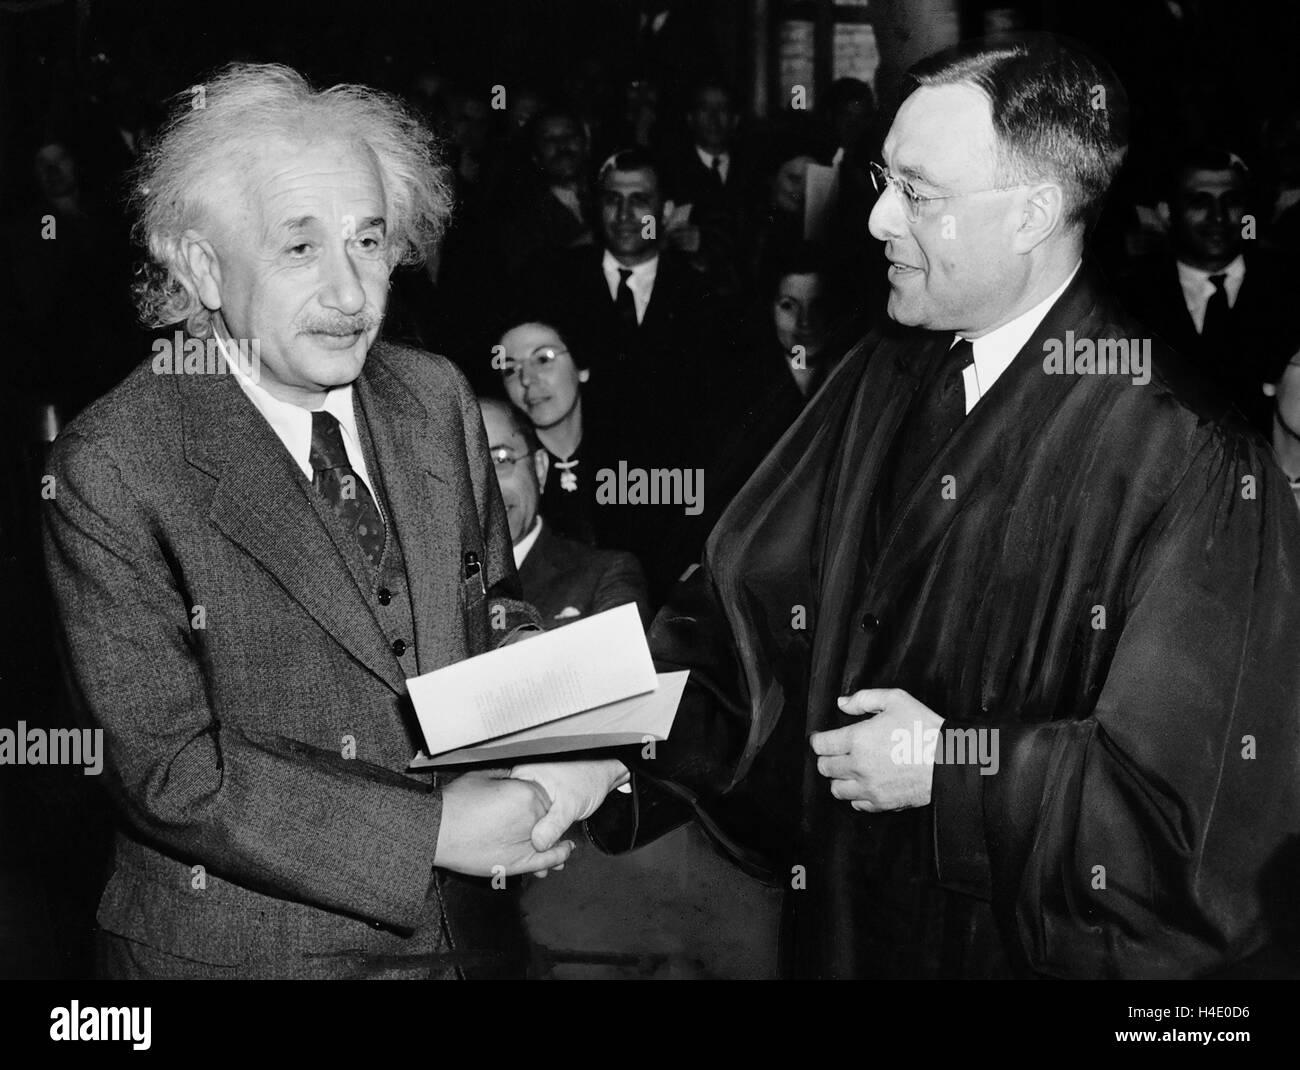 Albert Einstein (1879-1955) di ricevere il suo certificato di cittadinanza americana dal giudice Phillip Forman Immagini Stock